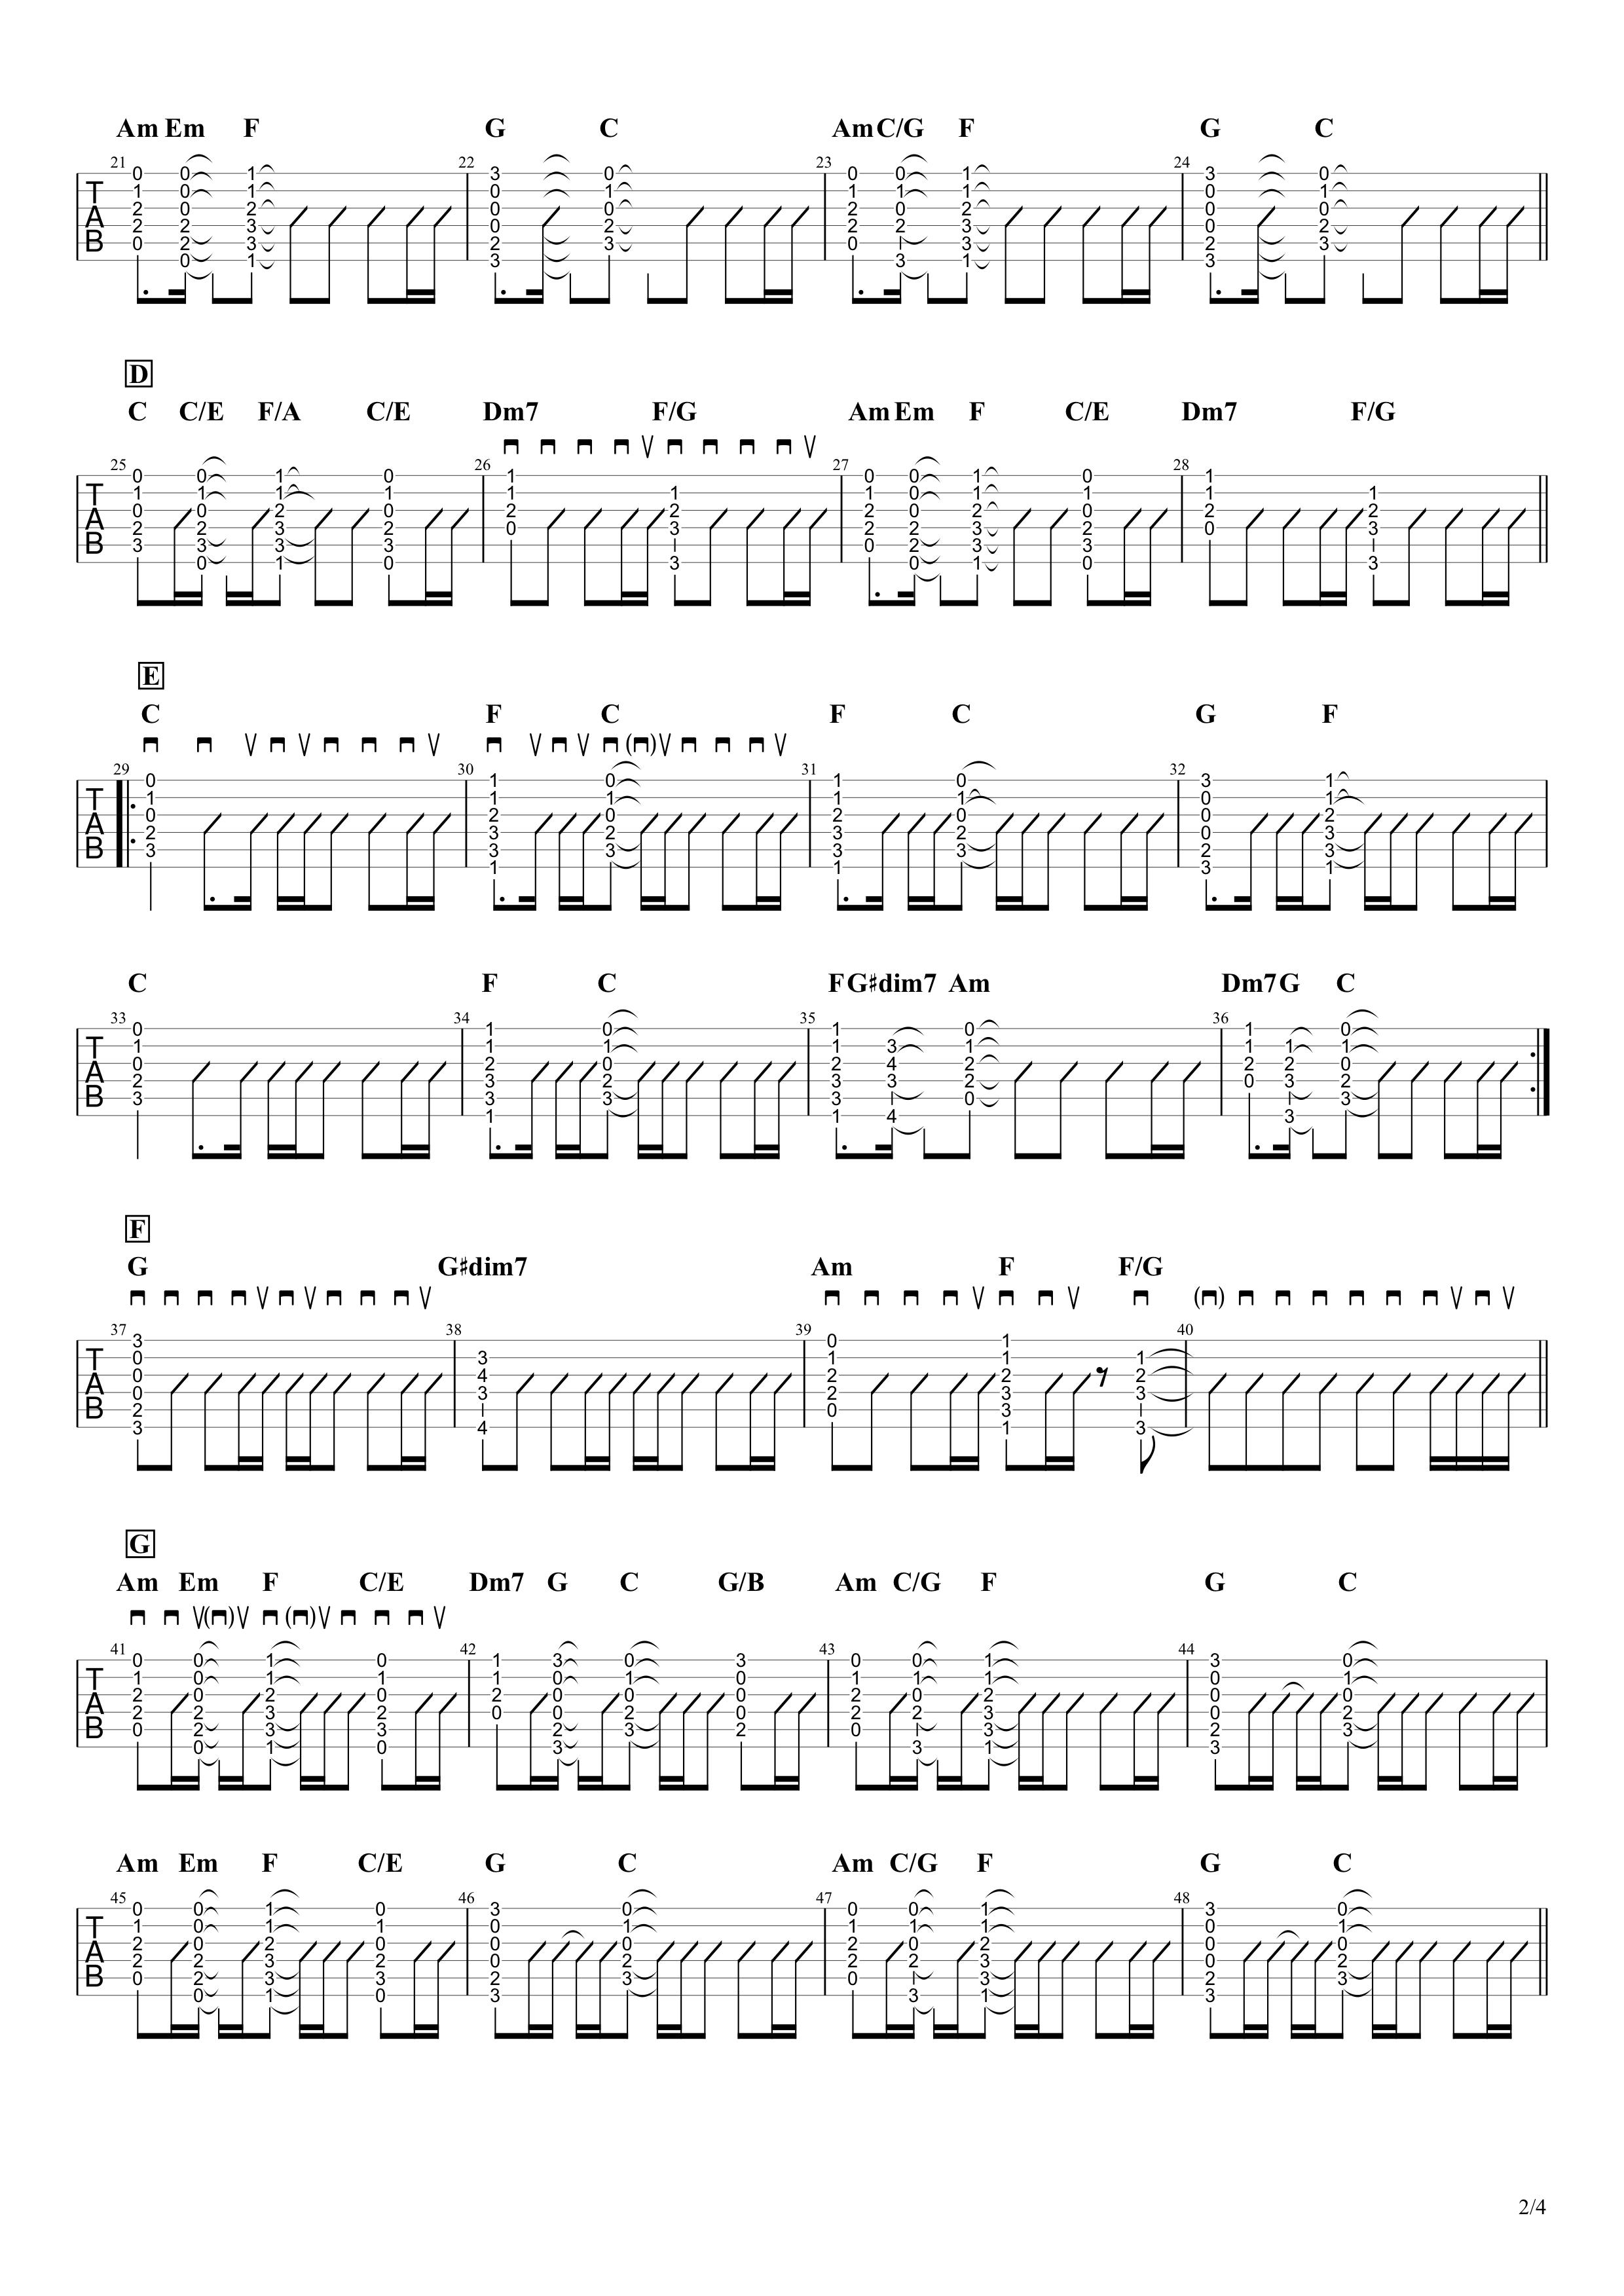 僕が一番欲しかったもの/槇原敬之 ギタータブ譜 コードストロークで弾くVer.02